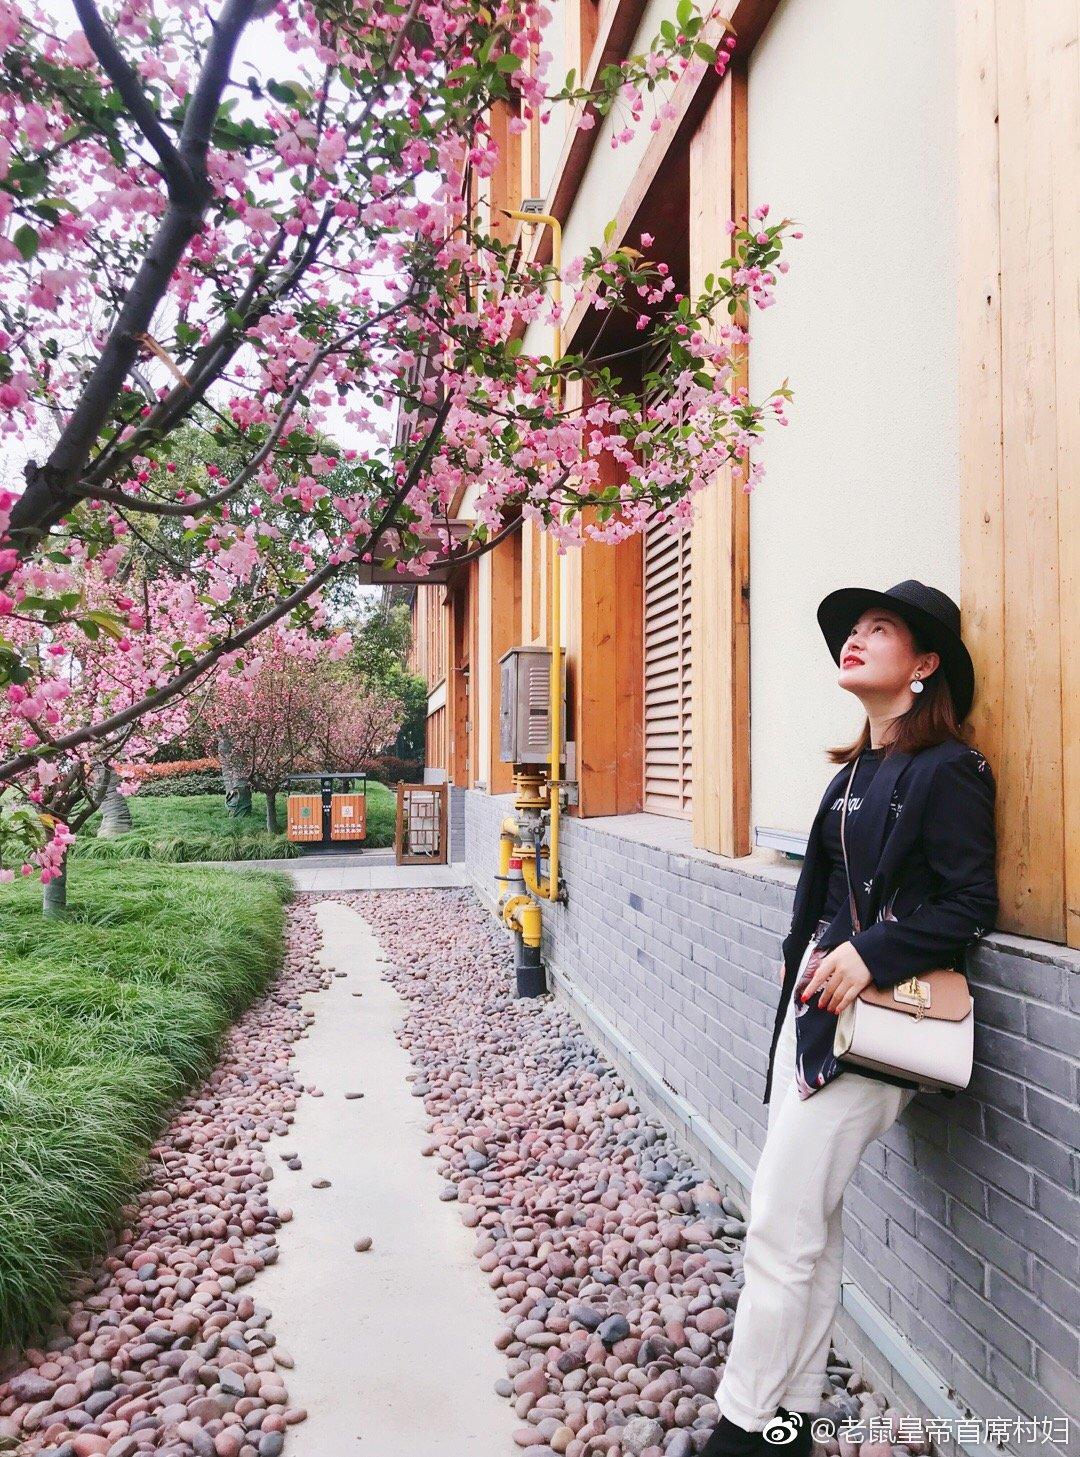 烟花三月去扬州,绿暗红绡,谁家庭院樱开早?一片寒香入画堂